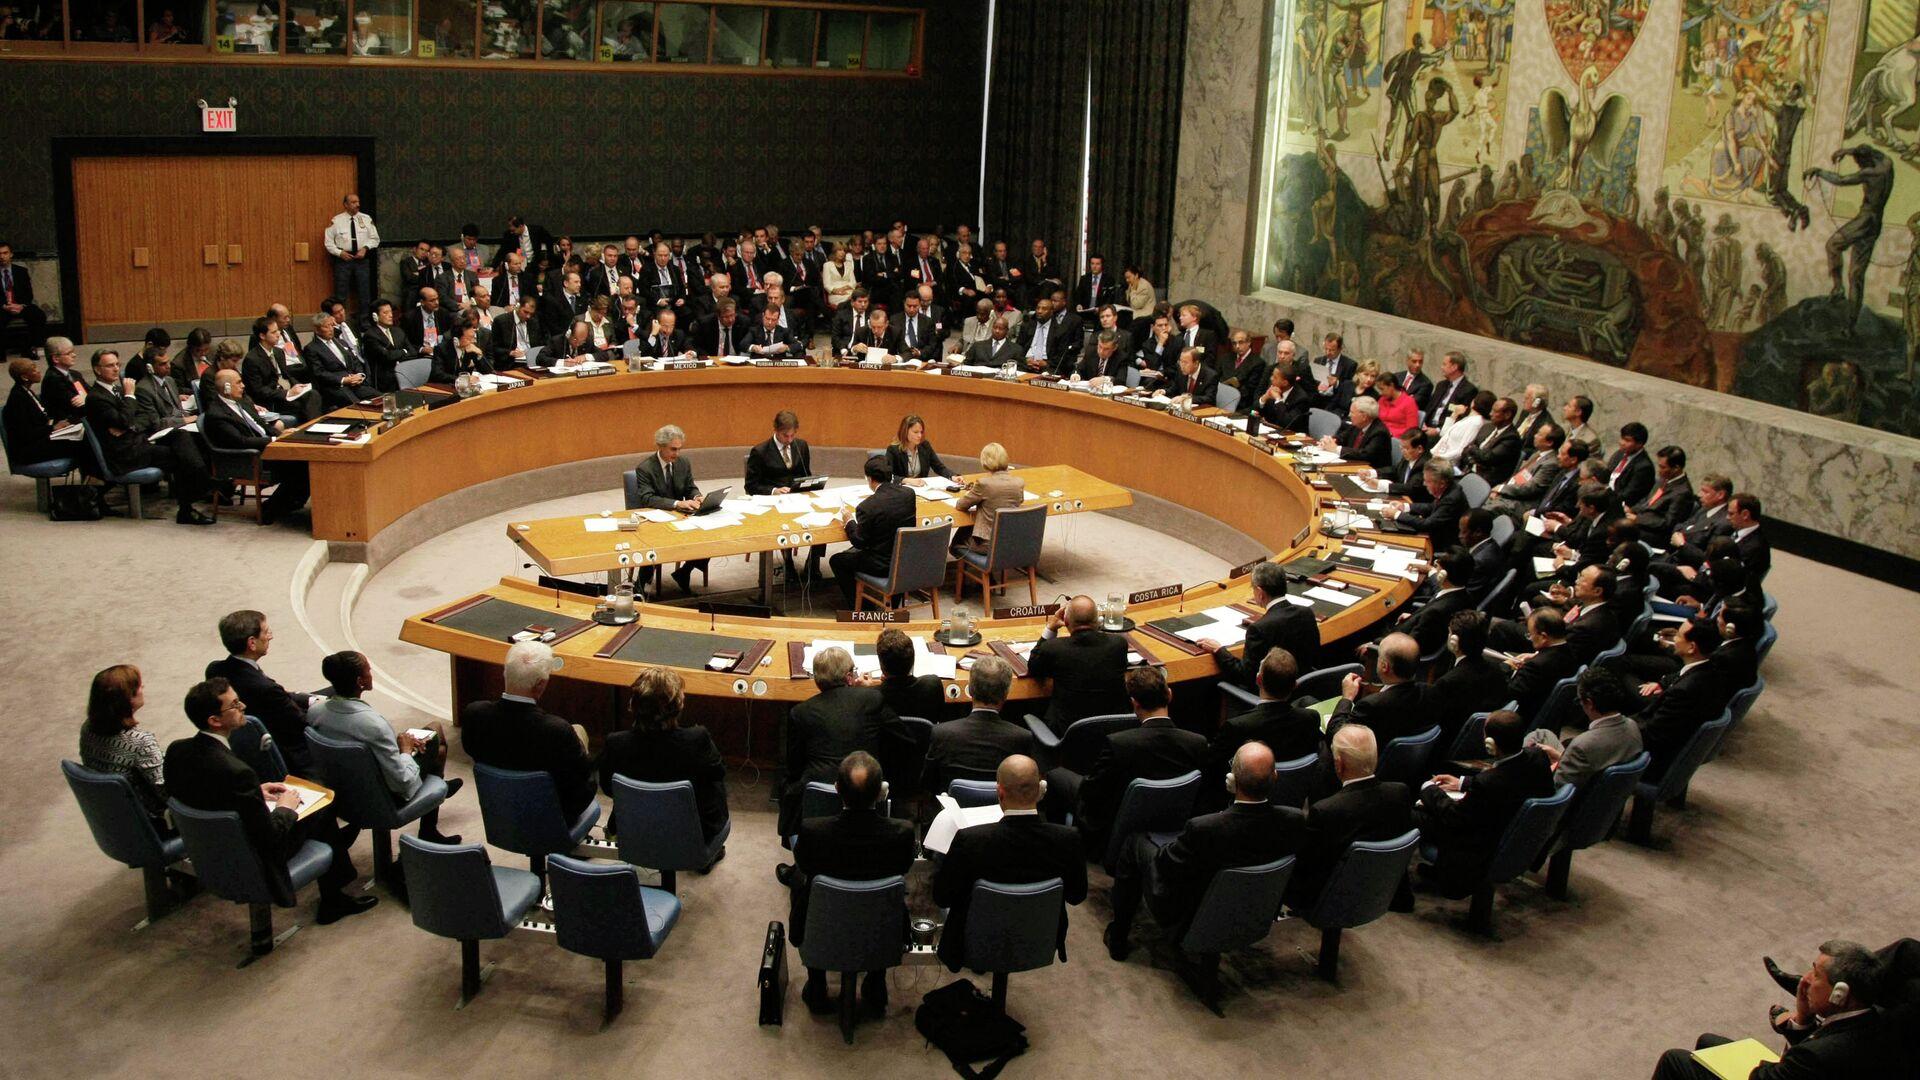 США, Британия и Эстония объяснили отсутствие на встрече СБ ООН по Украине